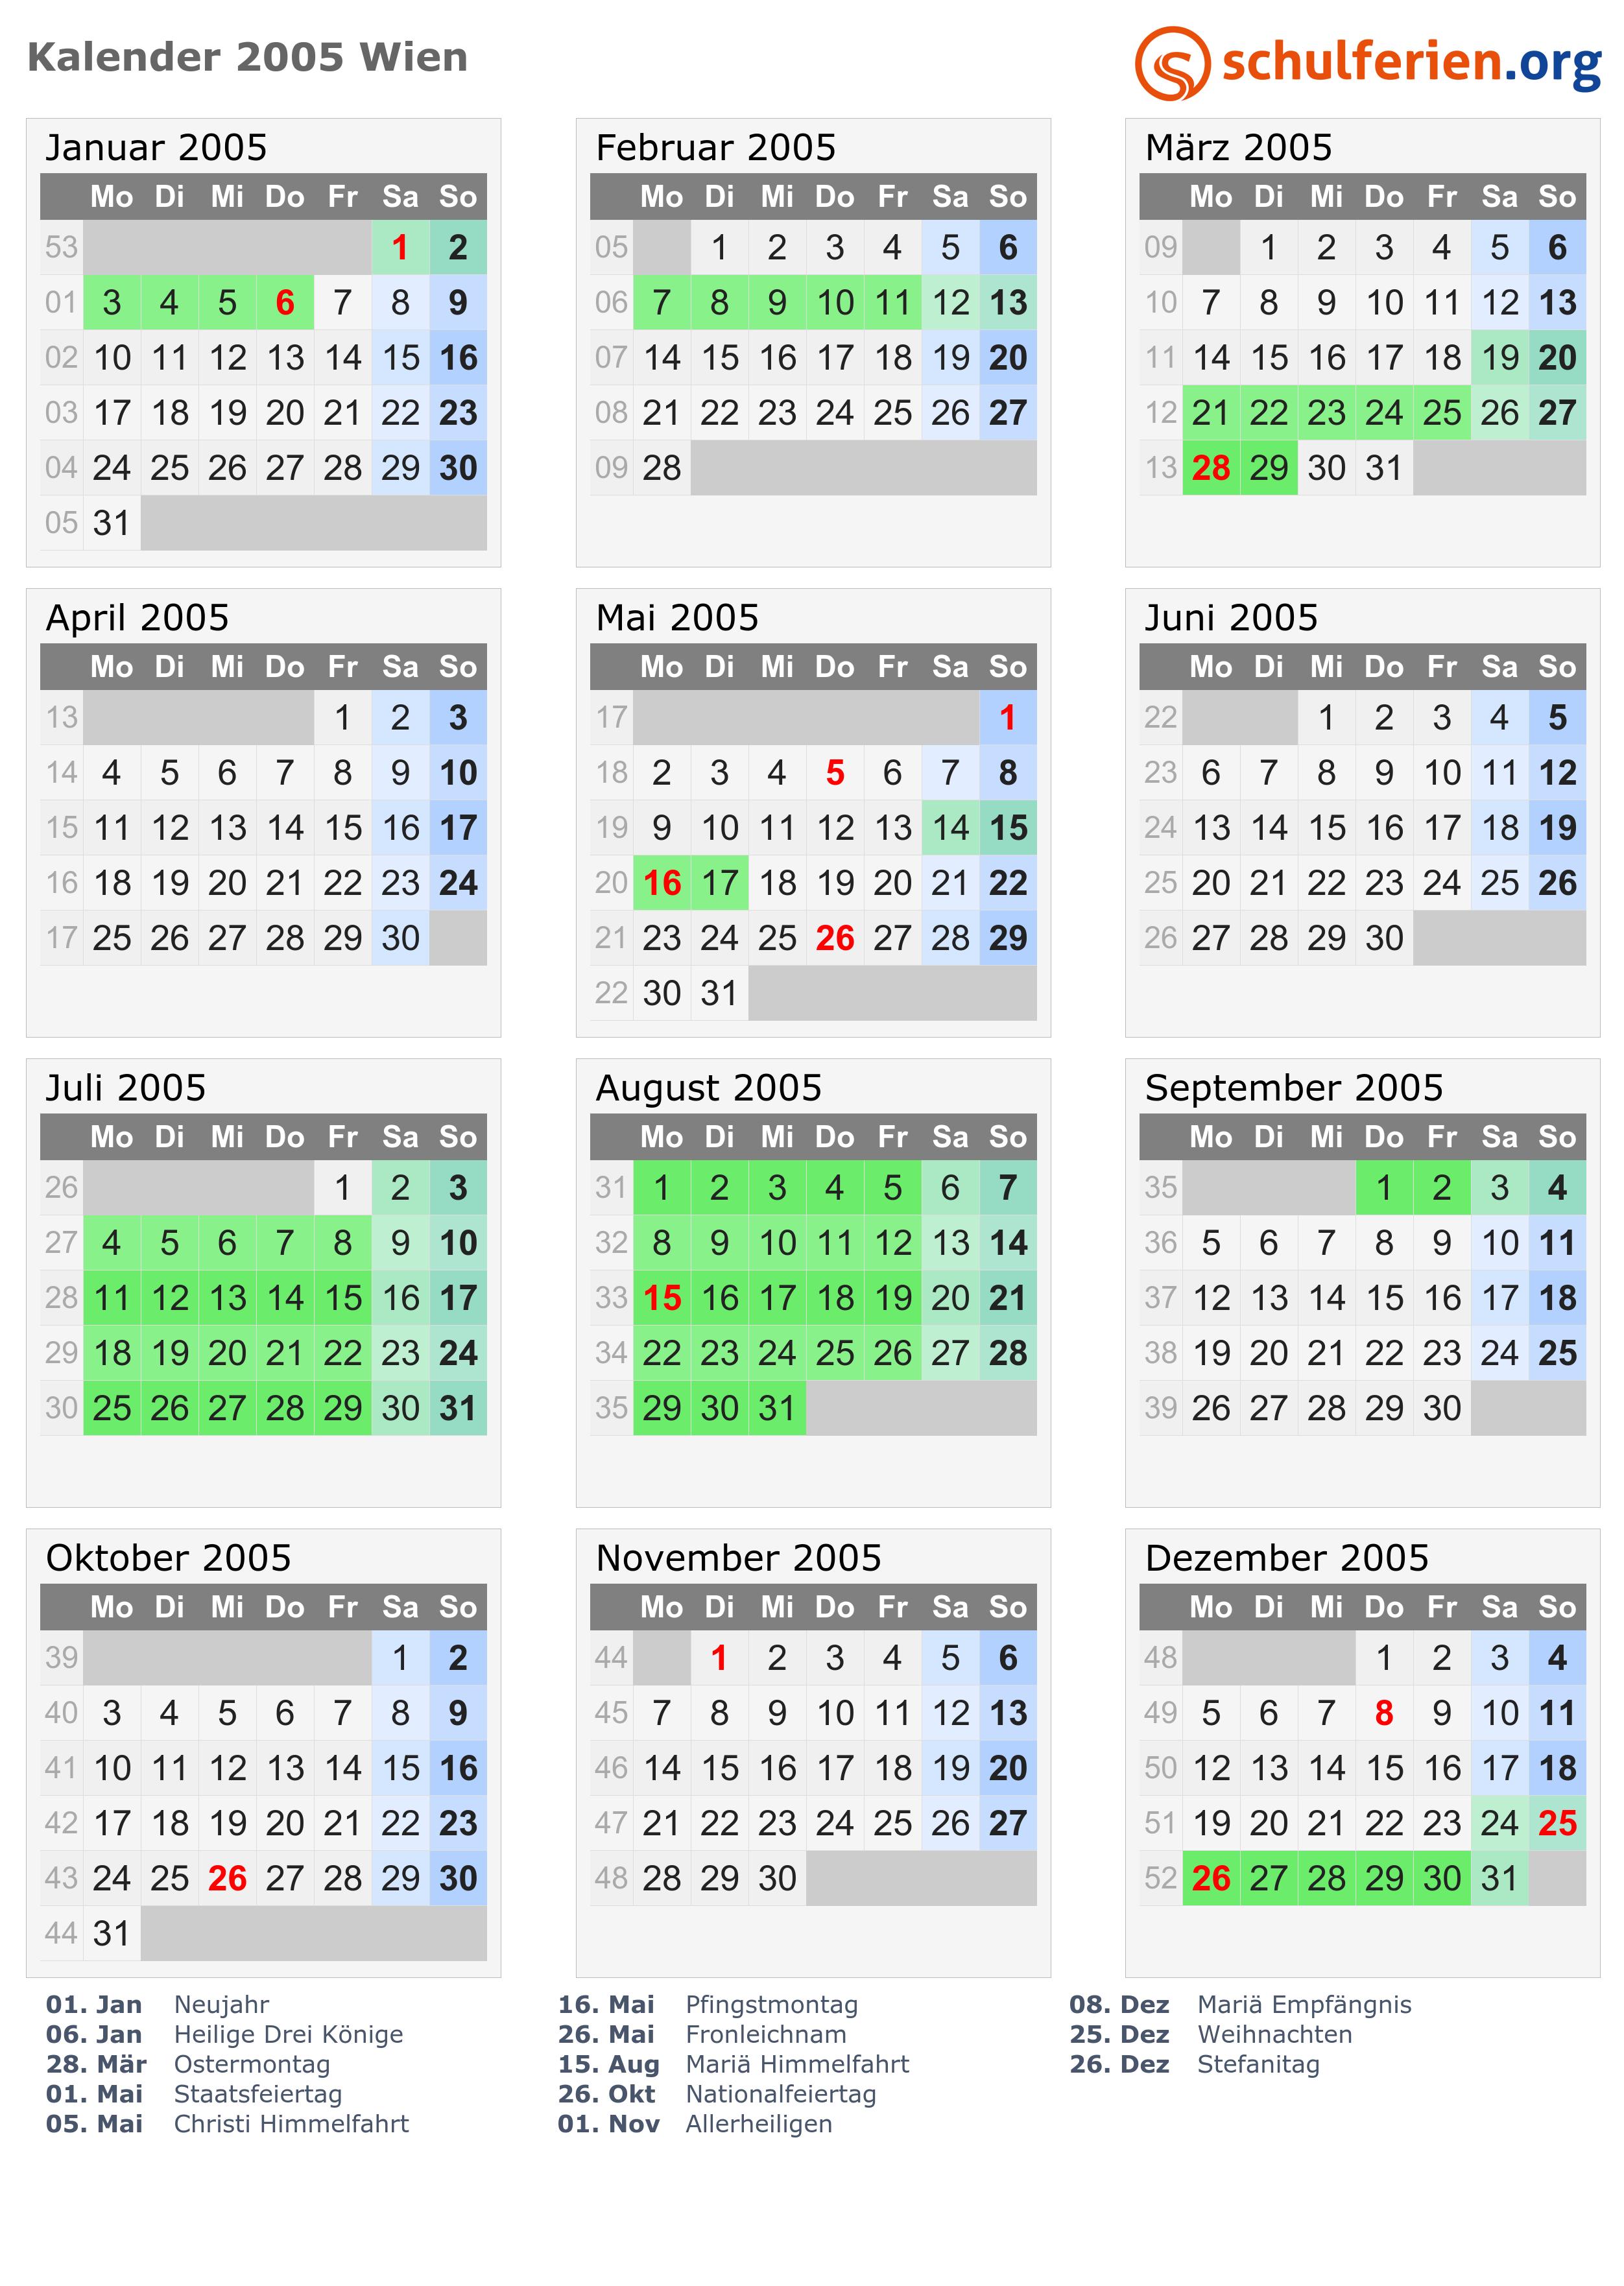 Kalender 2005 Wien